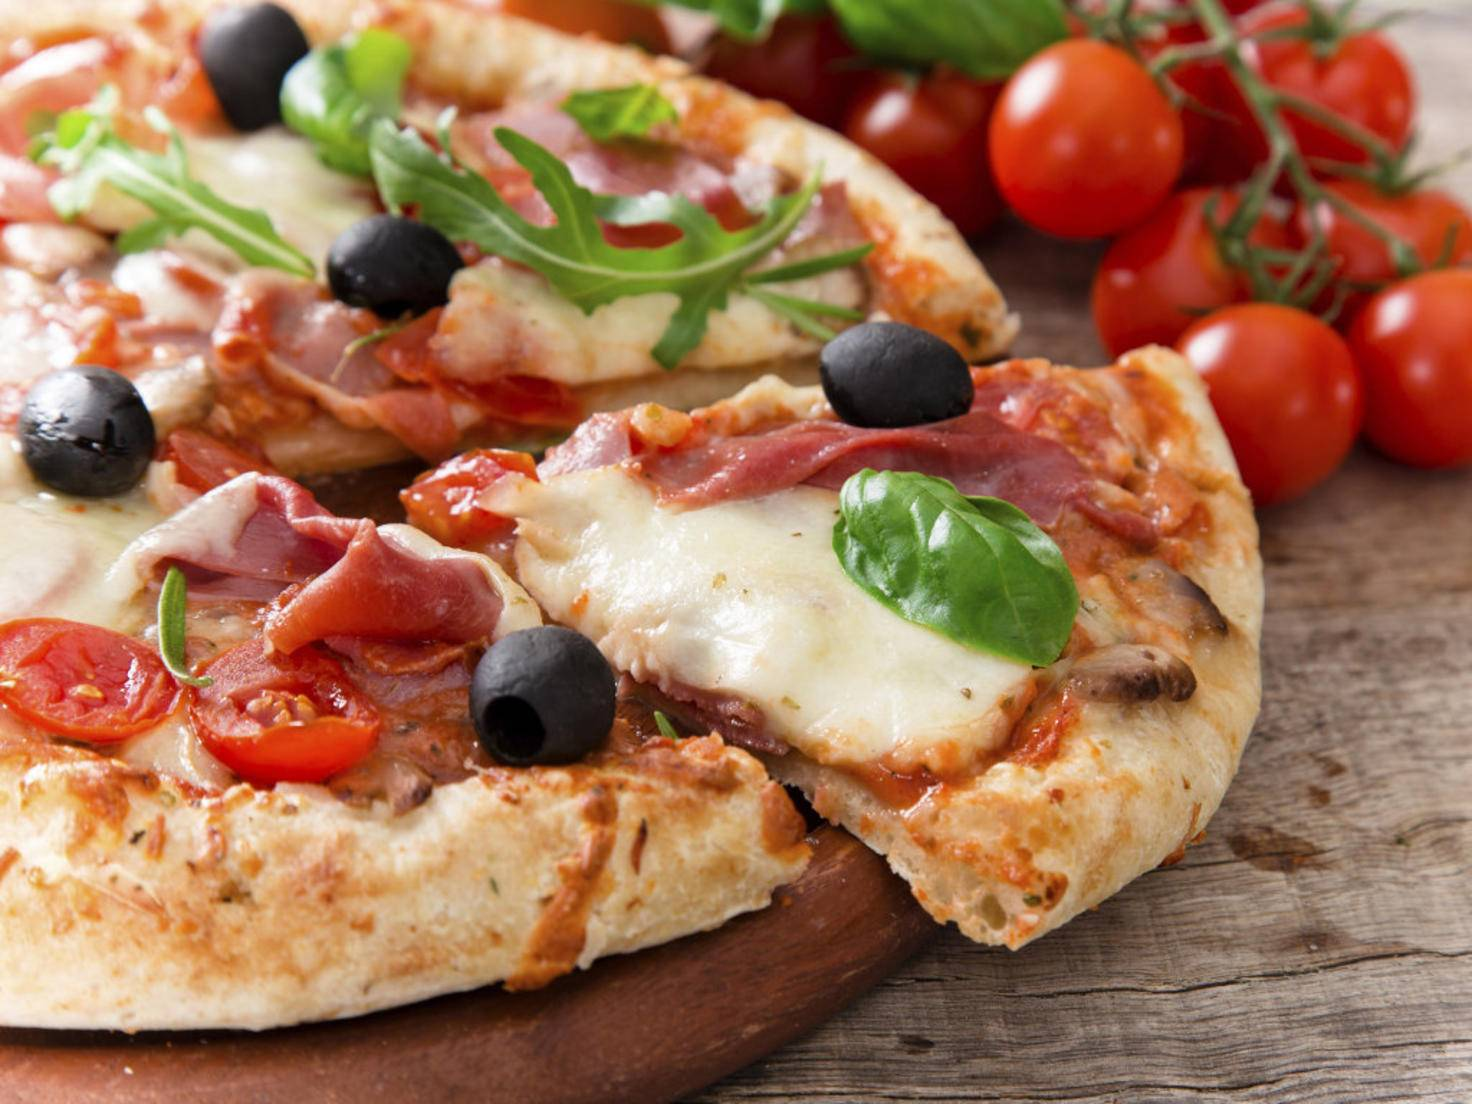 Eine App verrät nun auch auf der Smartwatch, wie weit die bestellte Pizza ist.